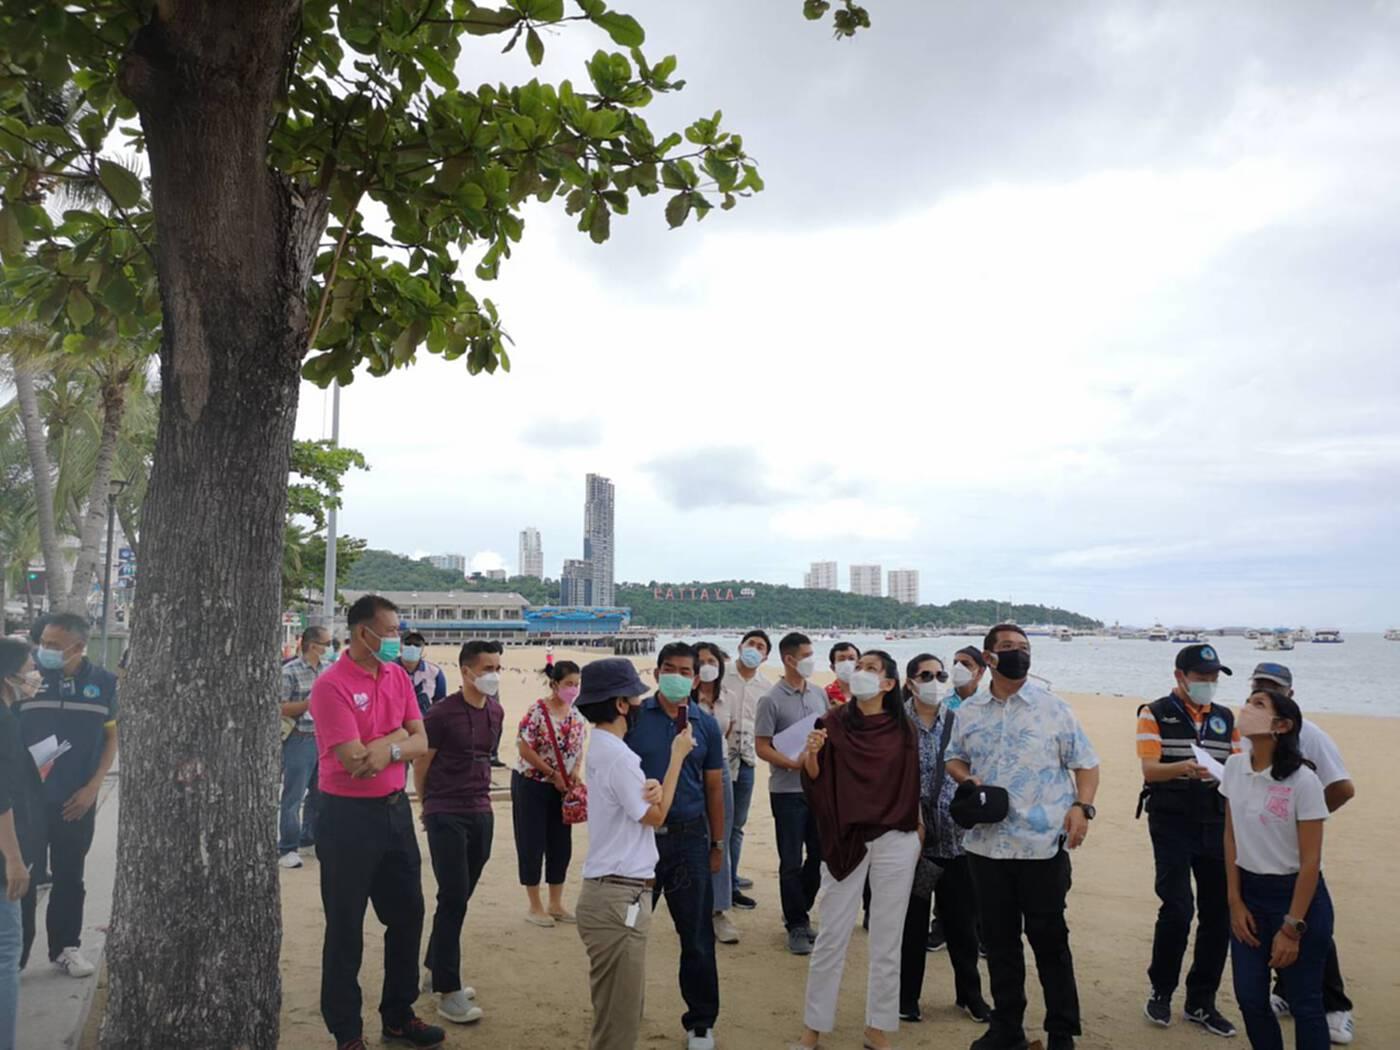 พัทยาเร่งปรับภูมิทัศน์ชายหาด หนุนท่องเที่ยว EEC